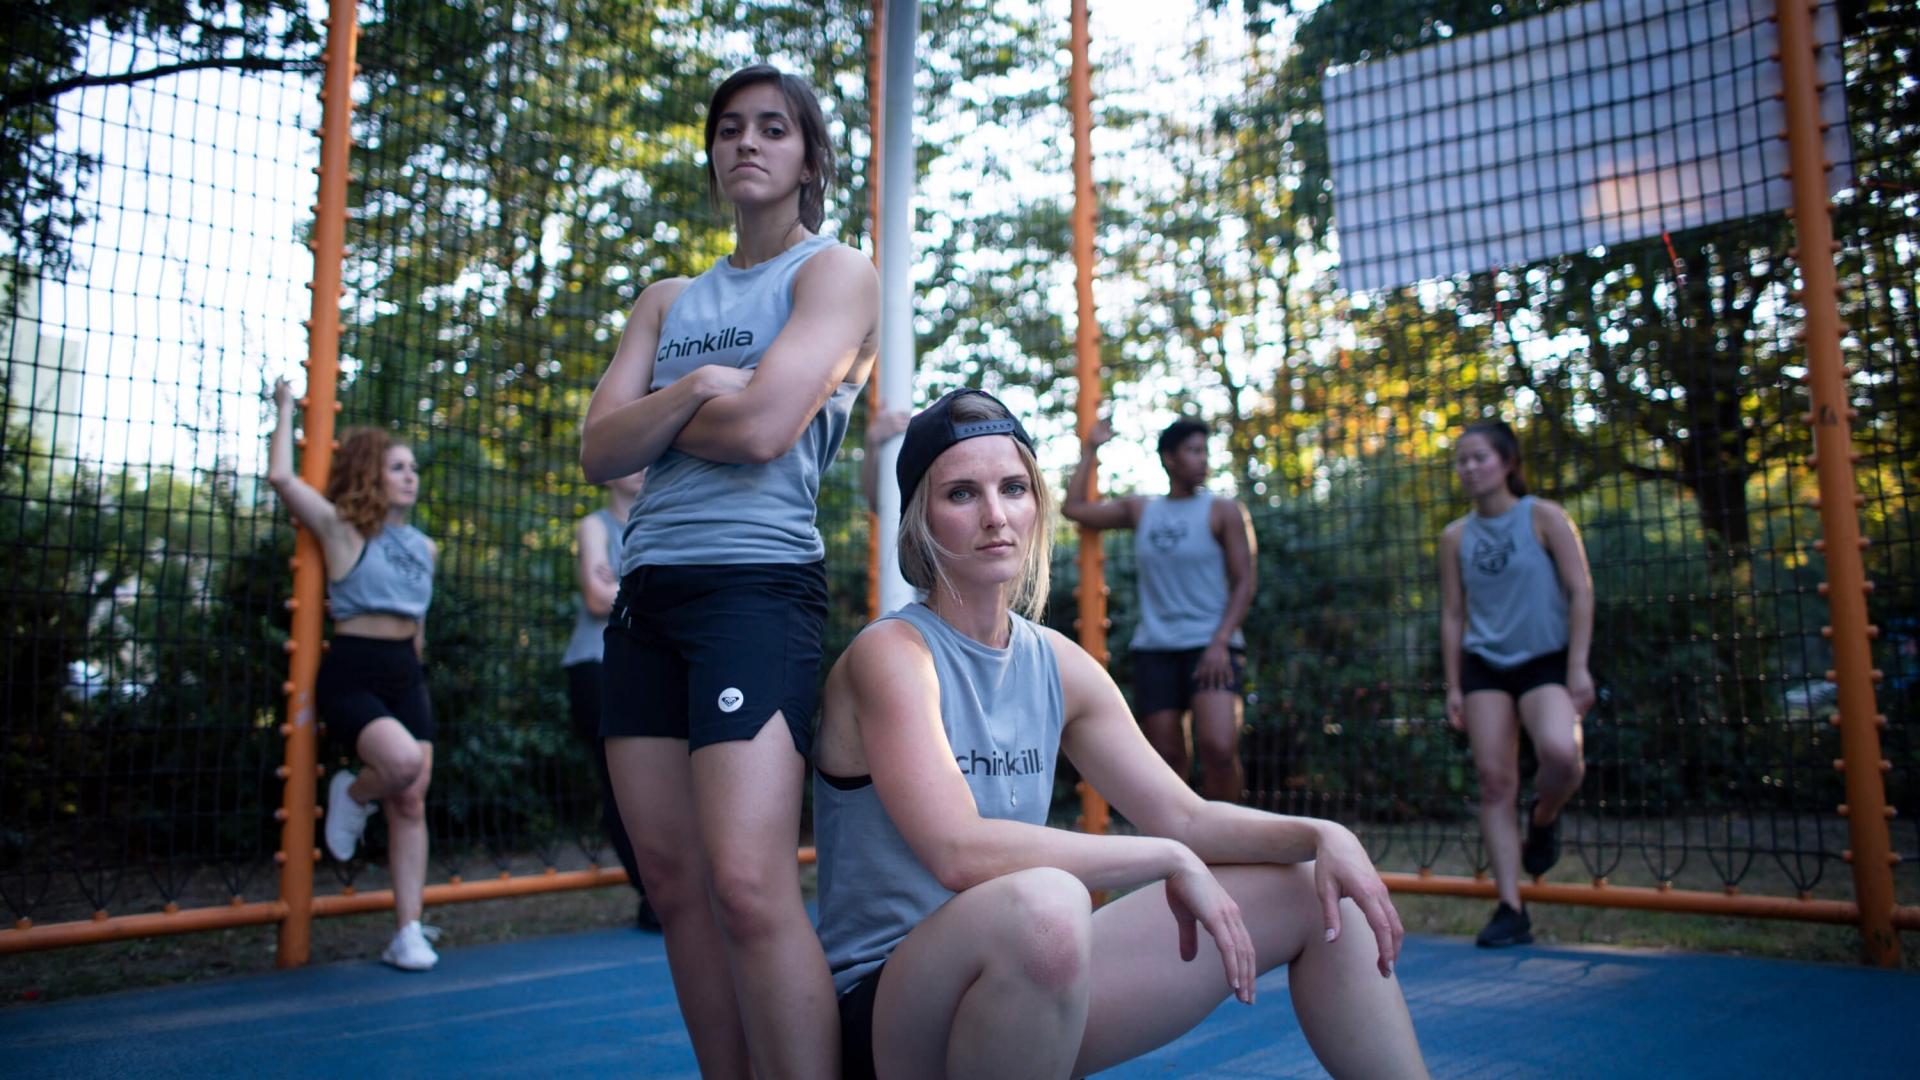 Dani und Sarah von Chinkilla in sportswear auf dem Sportplatz